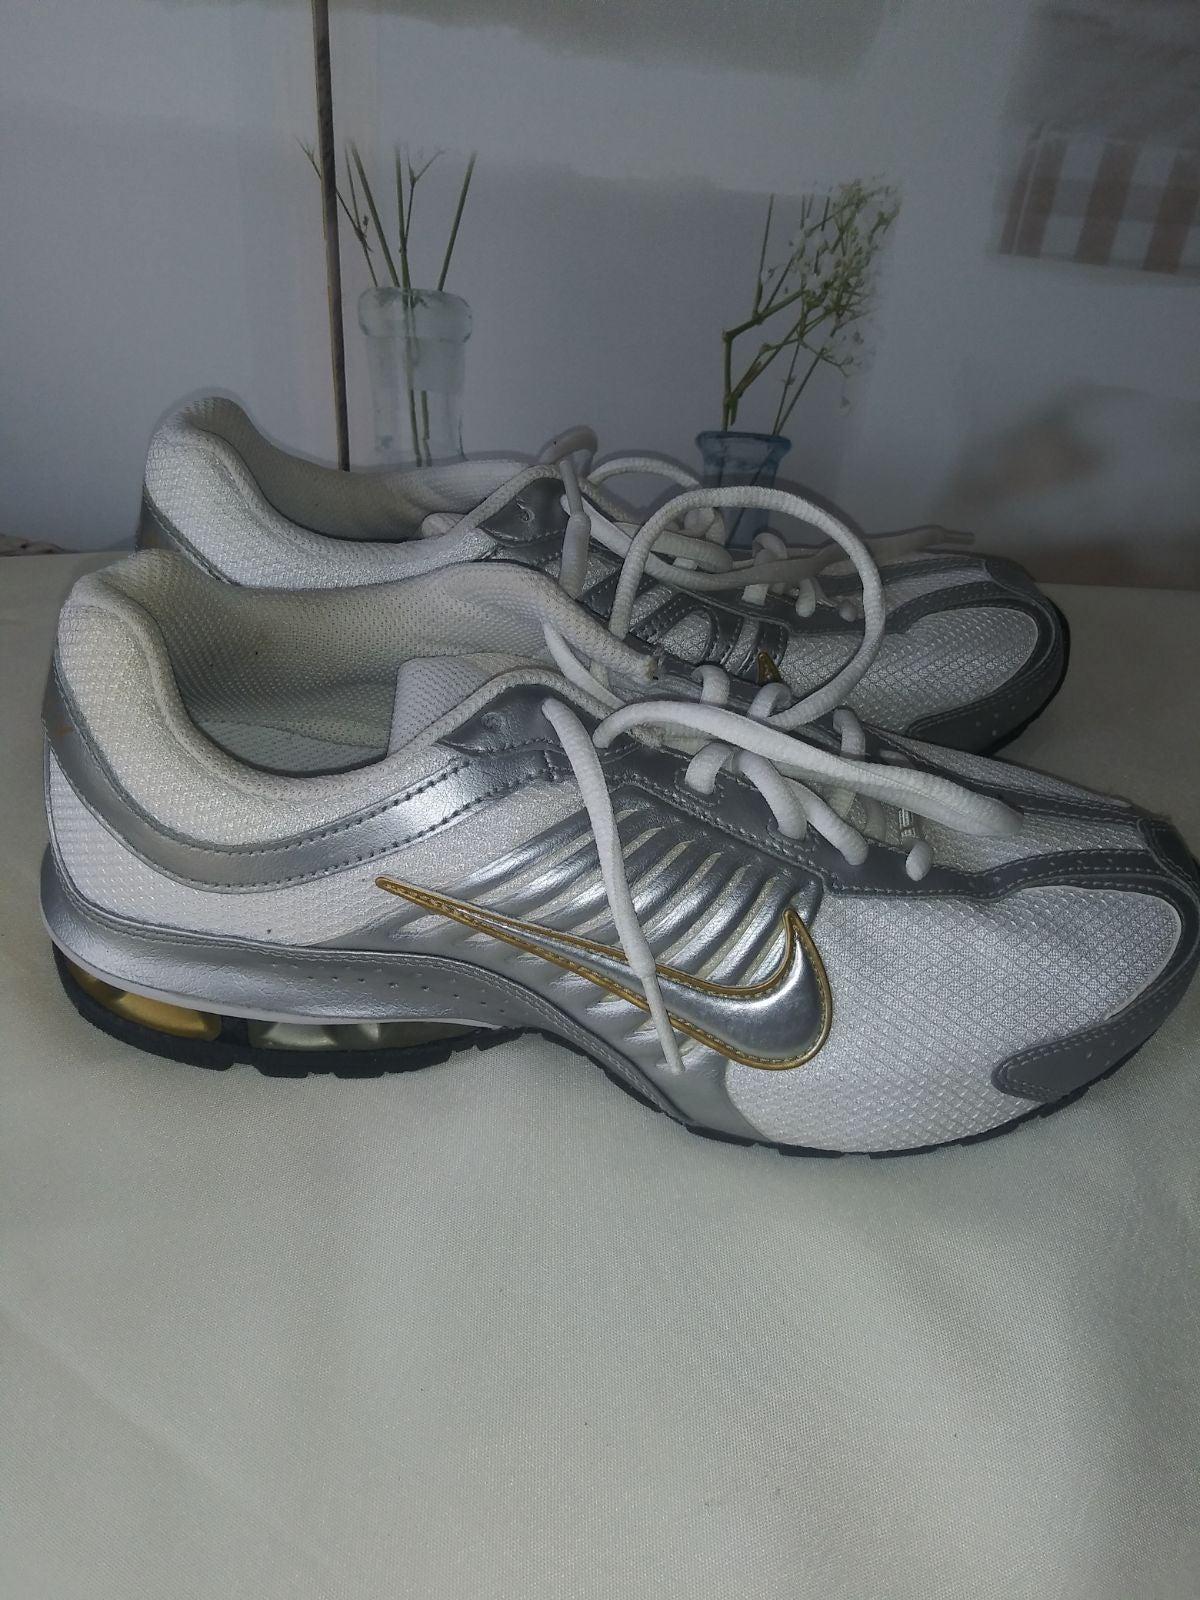 Nike Sneakers Sz.9 NWOT